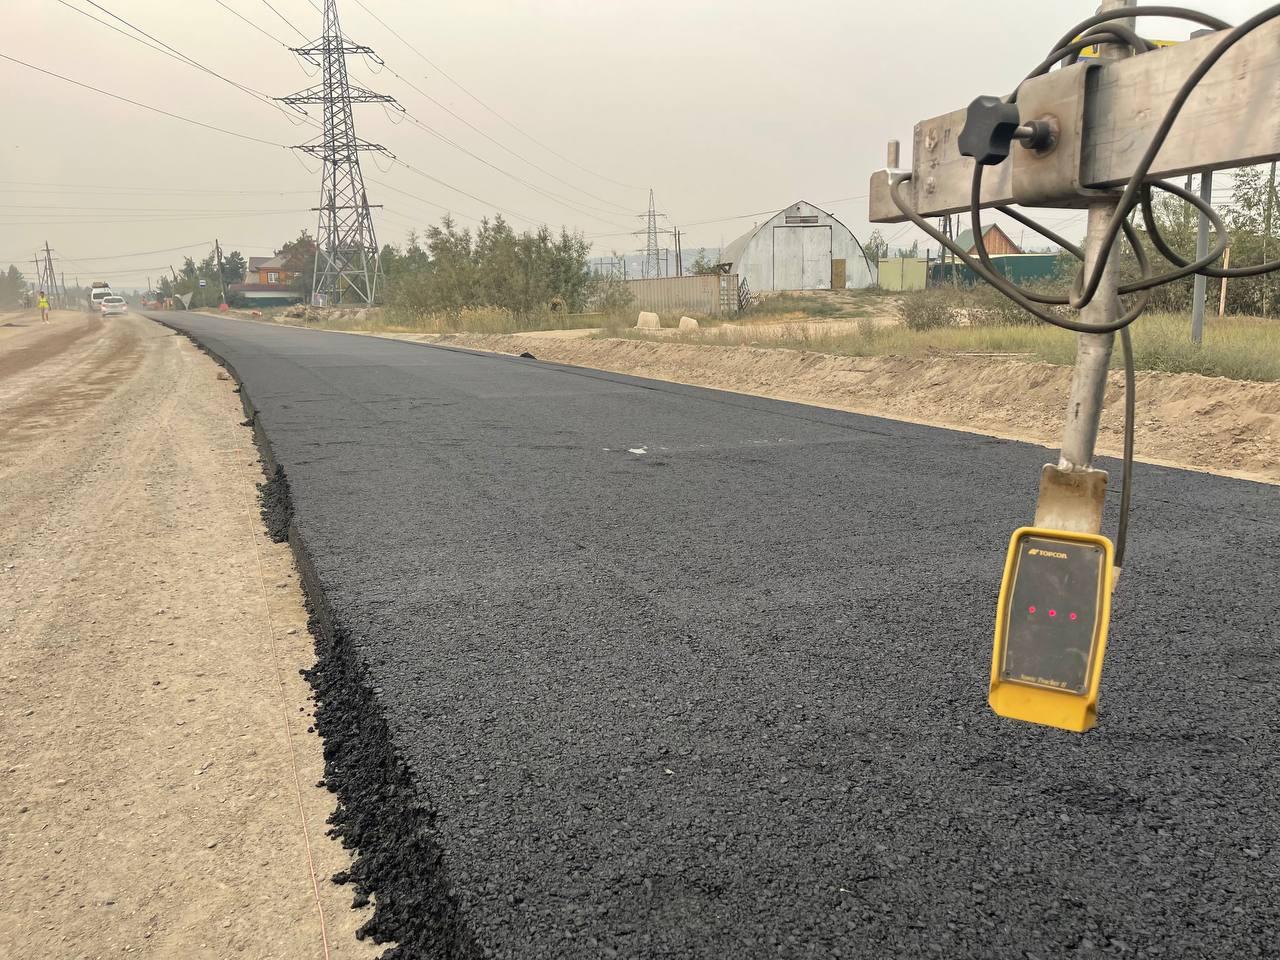 В Якутске асфальтировано 54 процента дорог в рамках реализации НП «Безопасные качественные дороги»